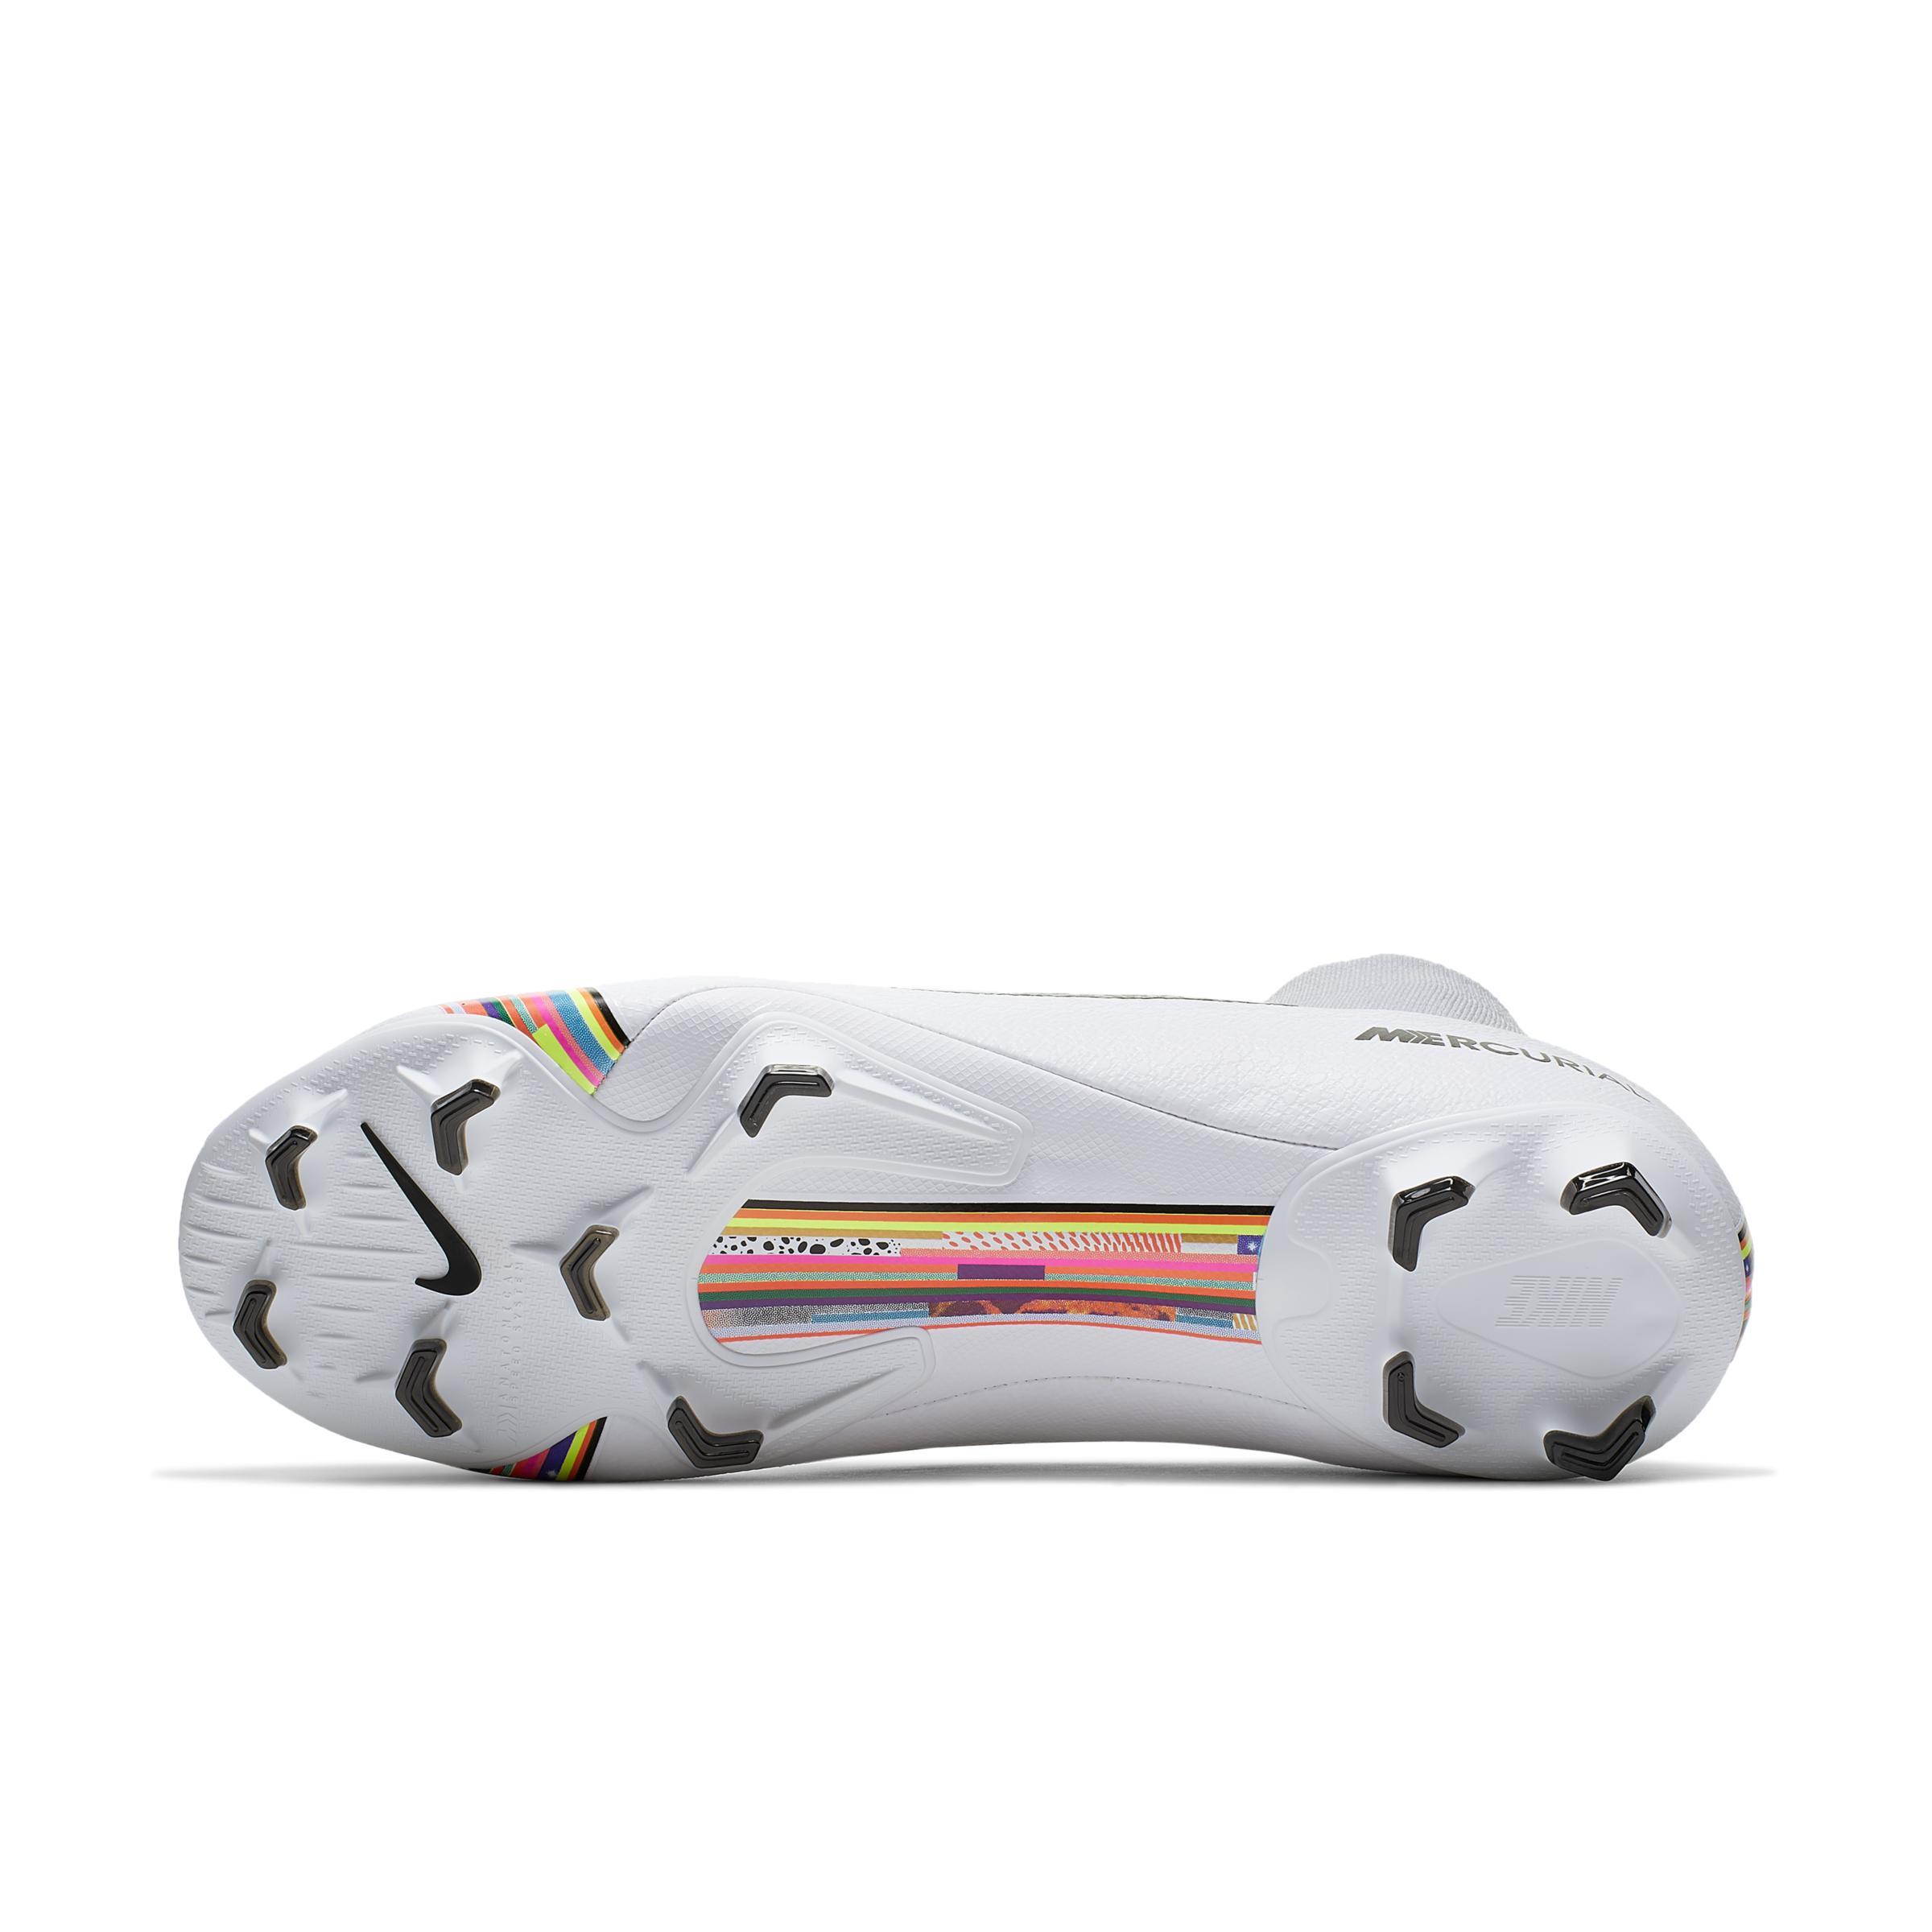 Bota Nike Mercurial Superfly VI Pro LVL UP FG